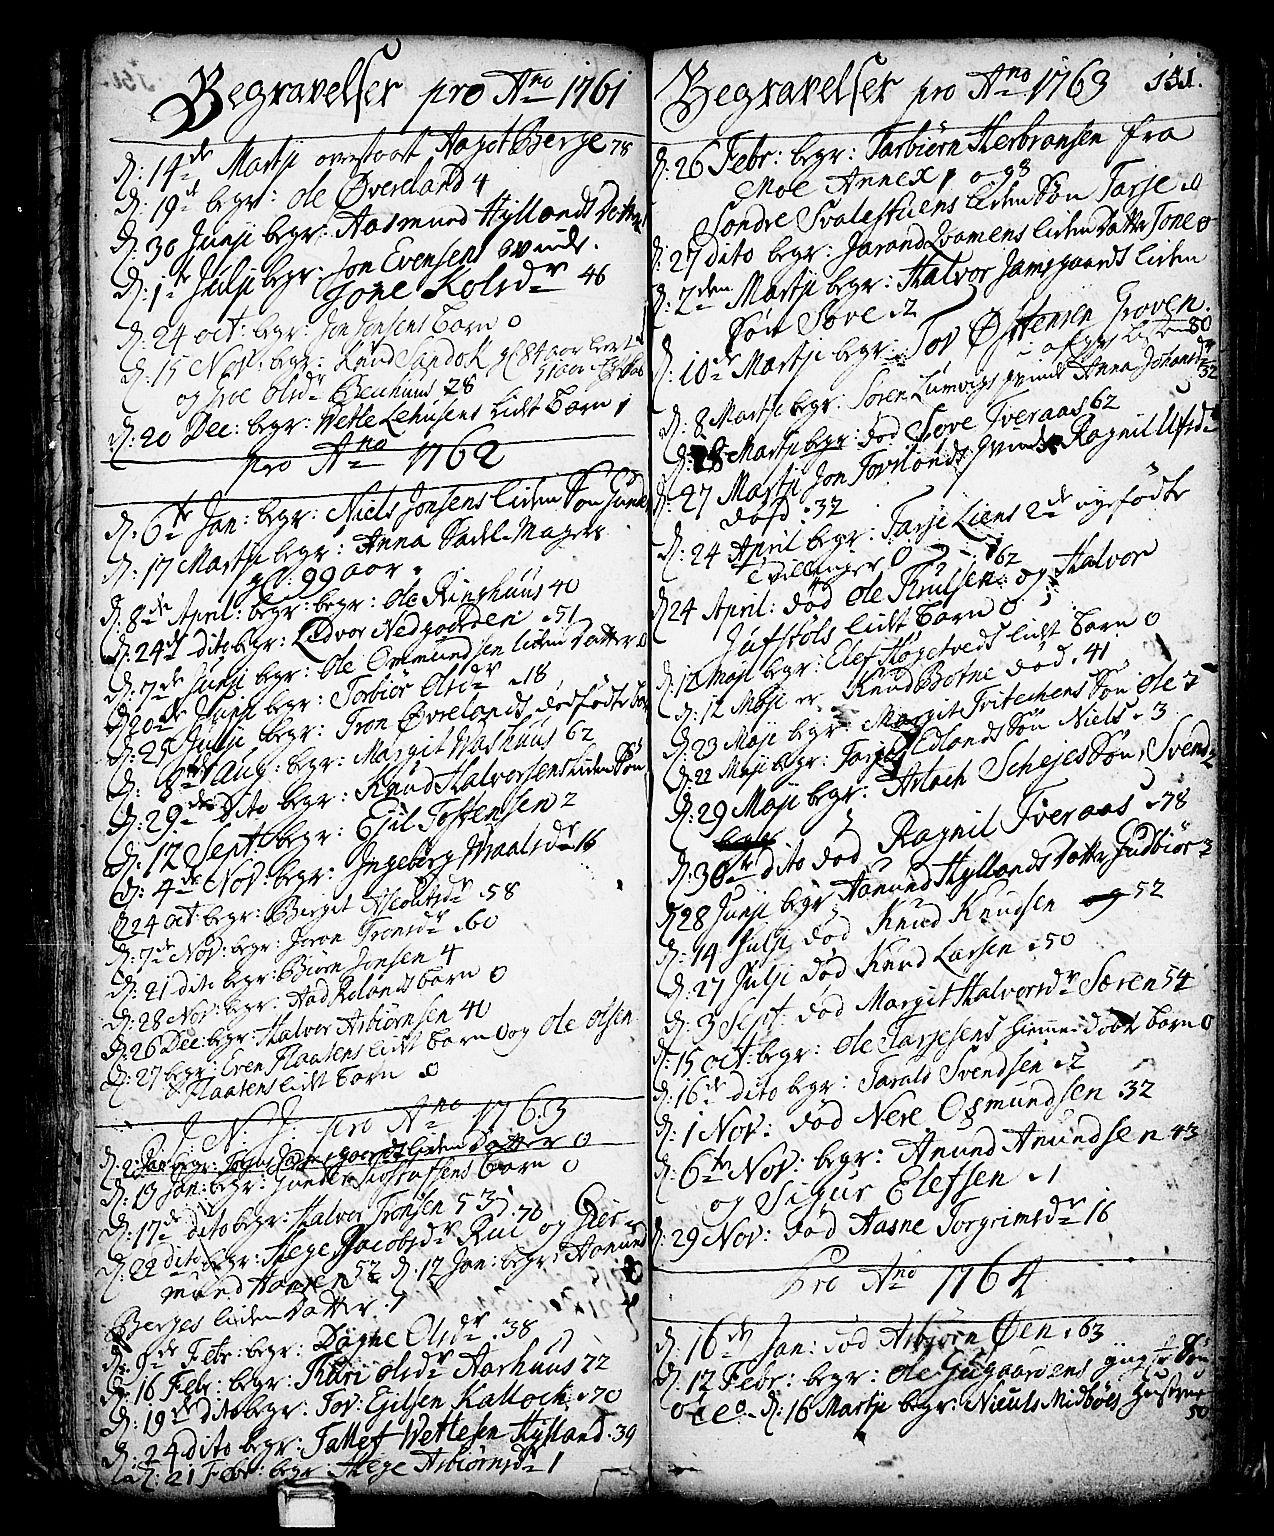 SAKO, Vinje kirkebøker, F/Fa/L0001: Ministerialbok nr. I 1, 1717-1766, s. 151